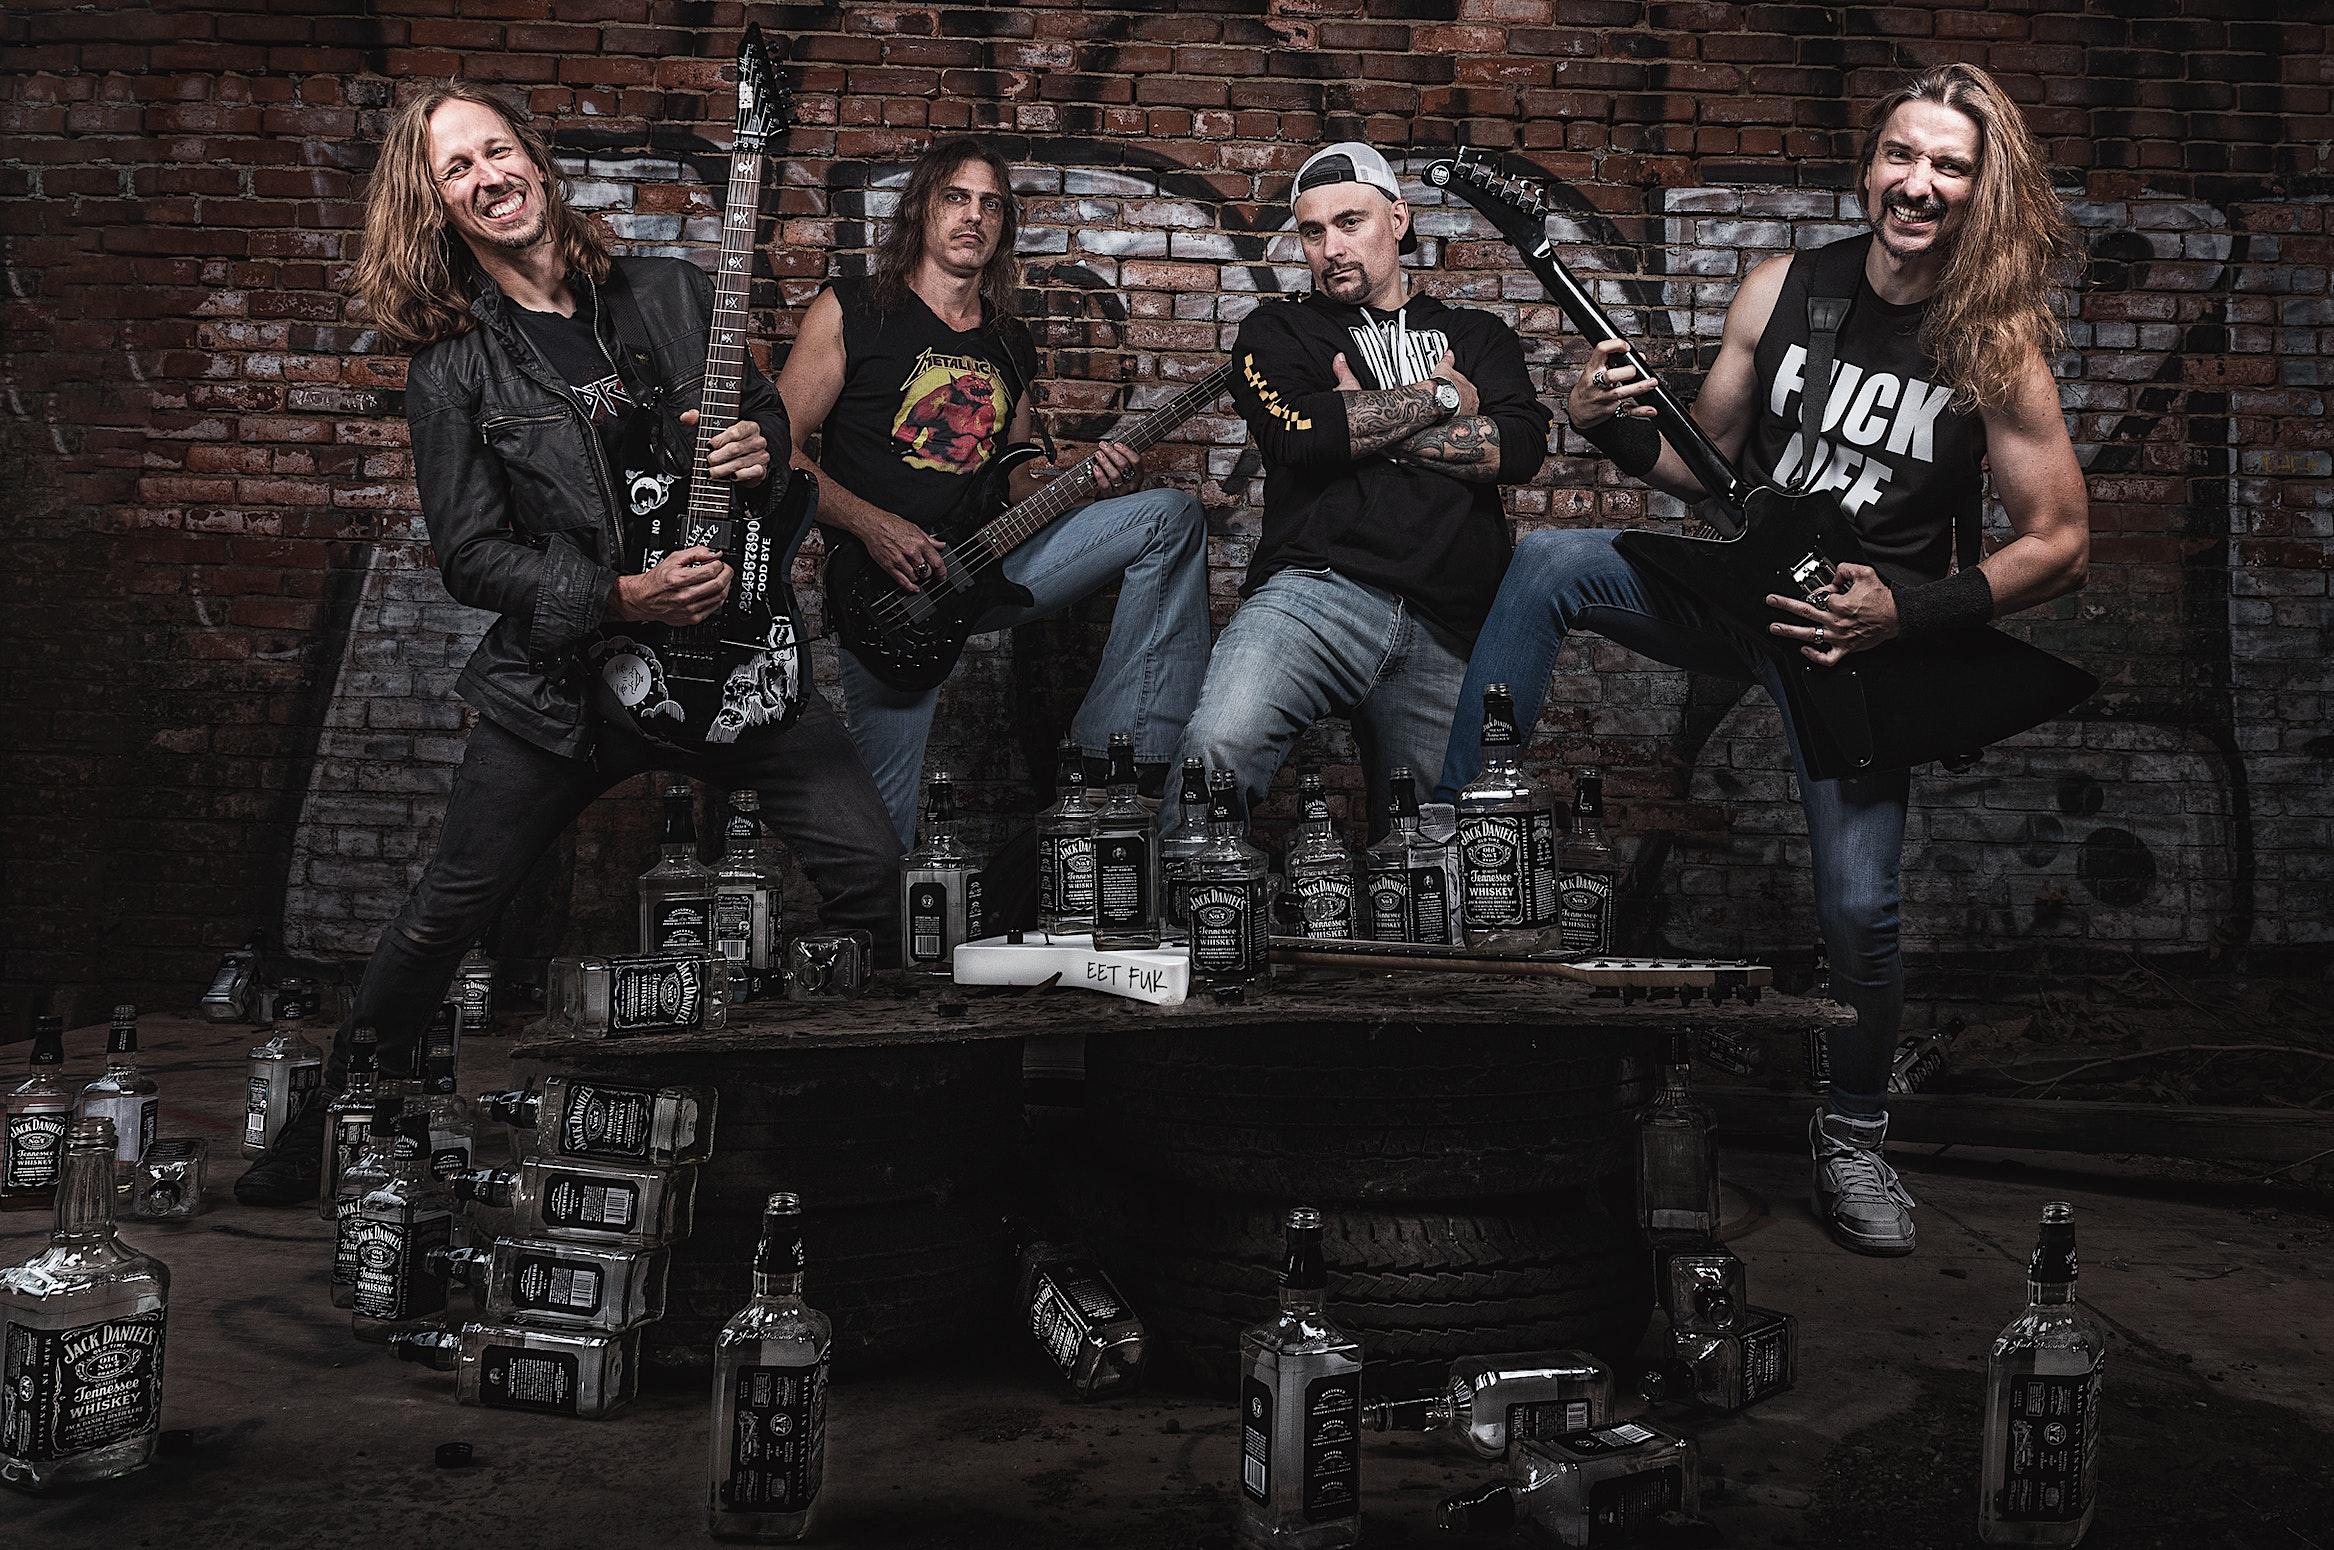 The Four Horsemen - Metallica Tribute